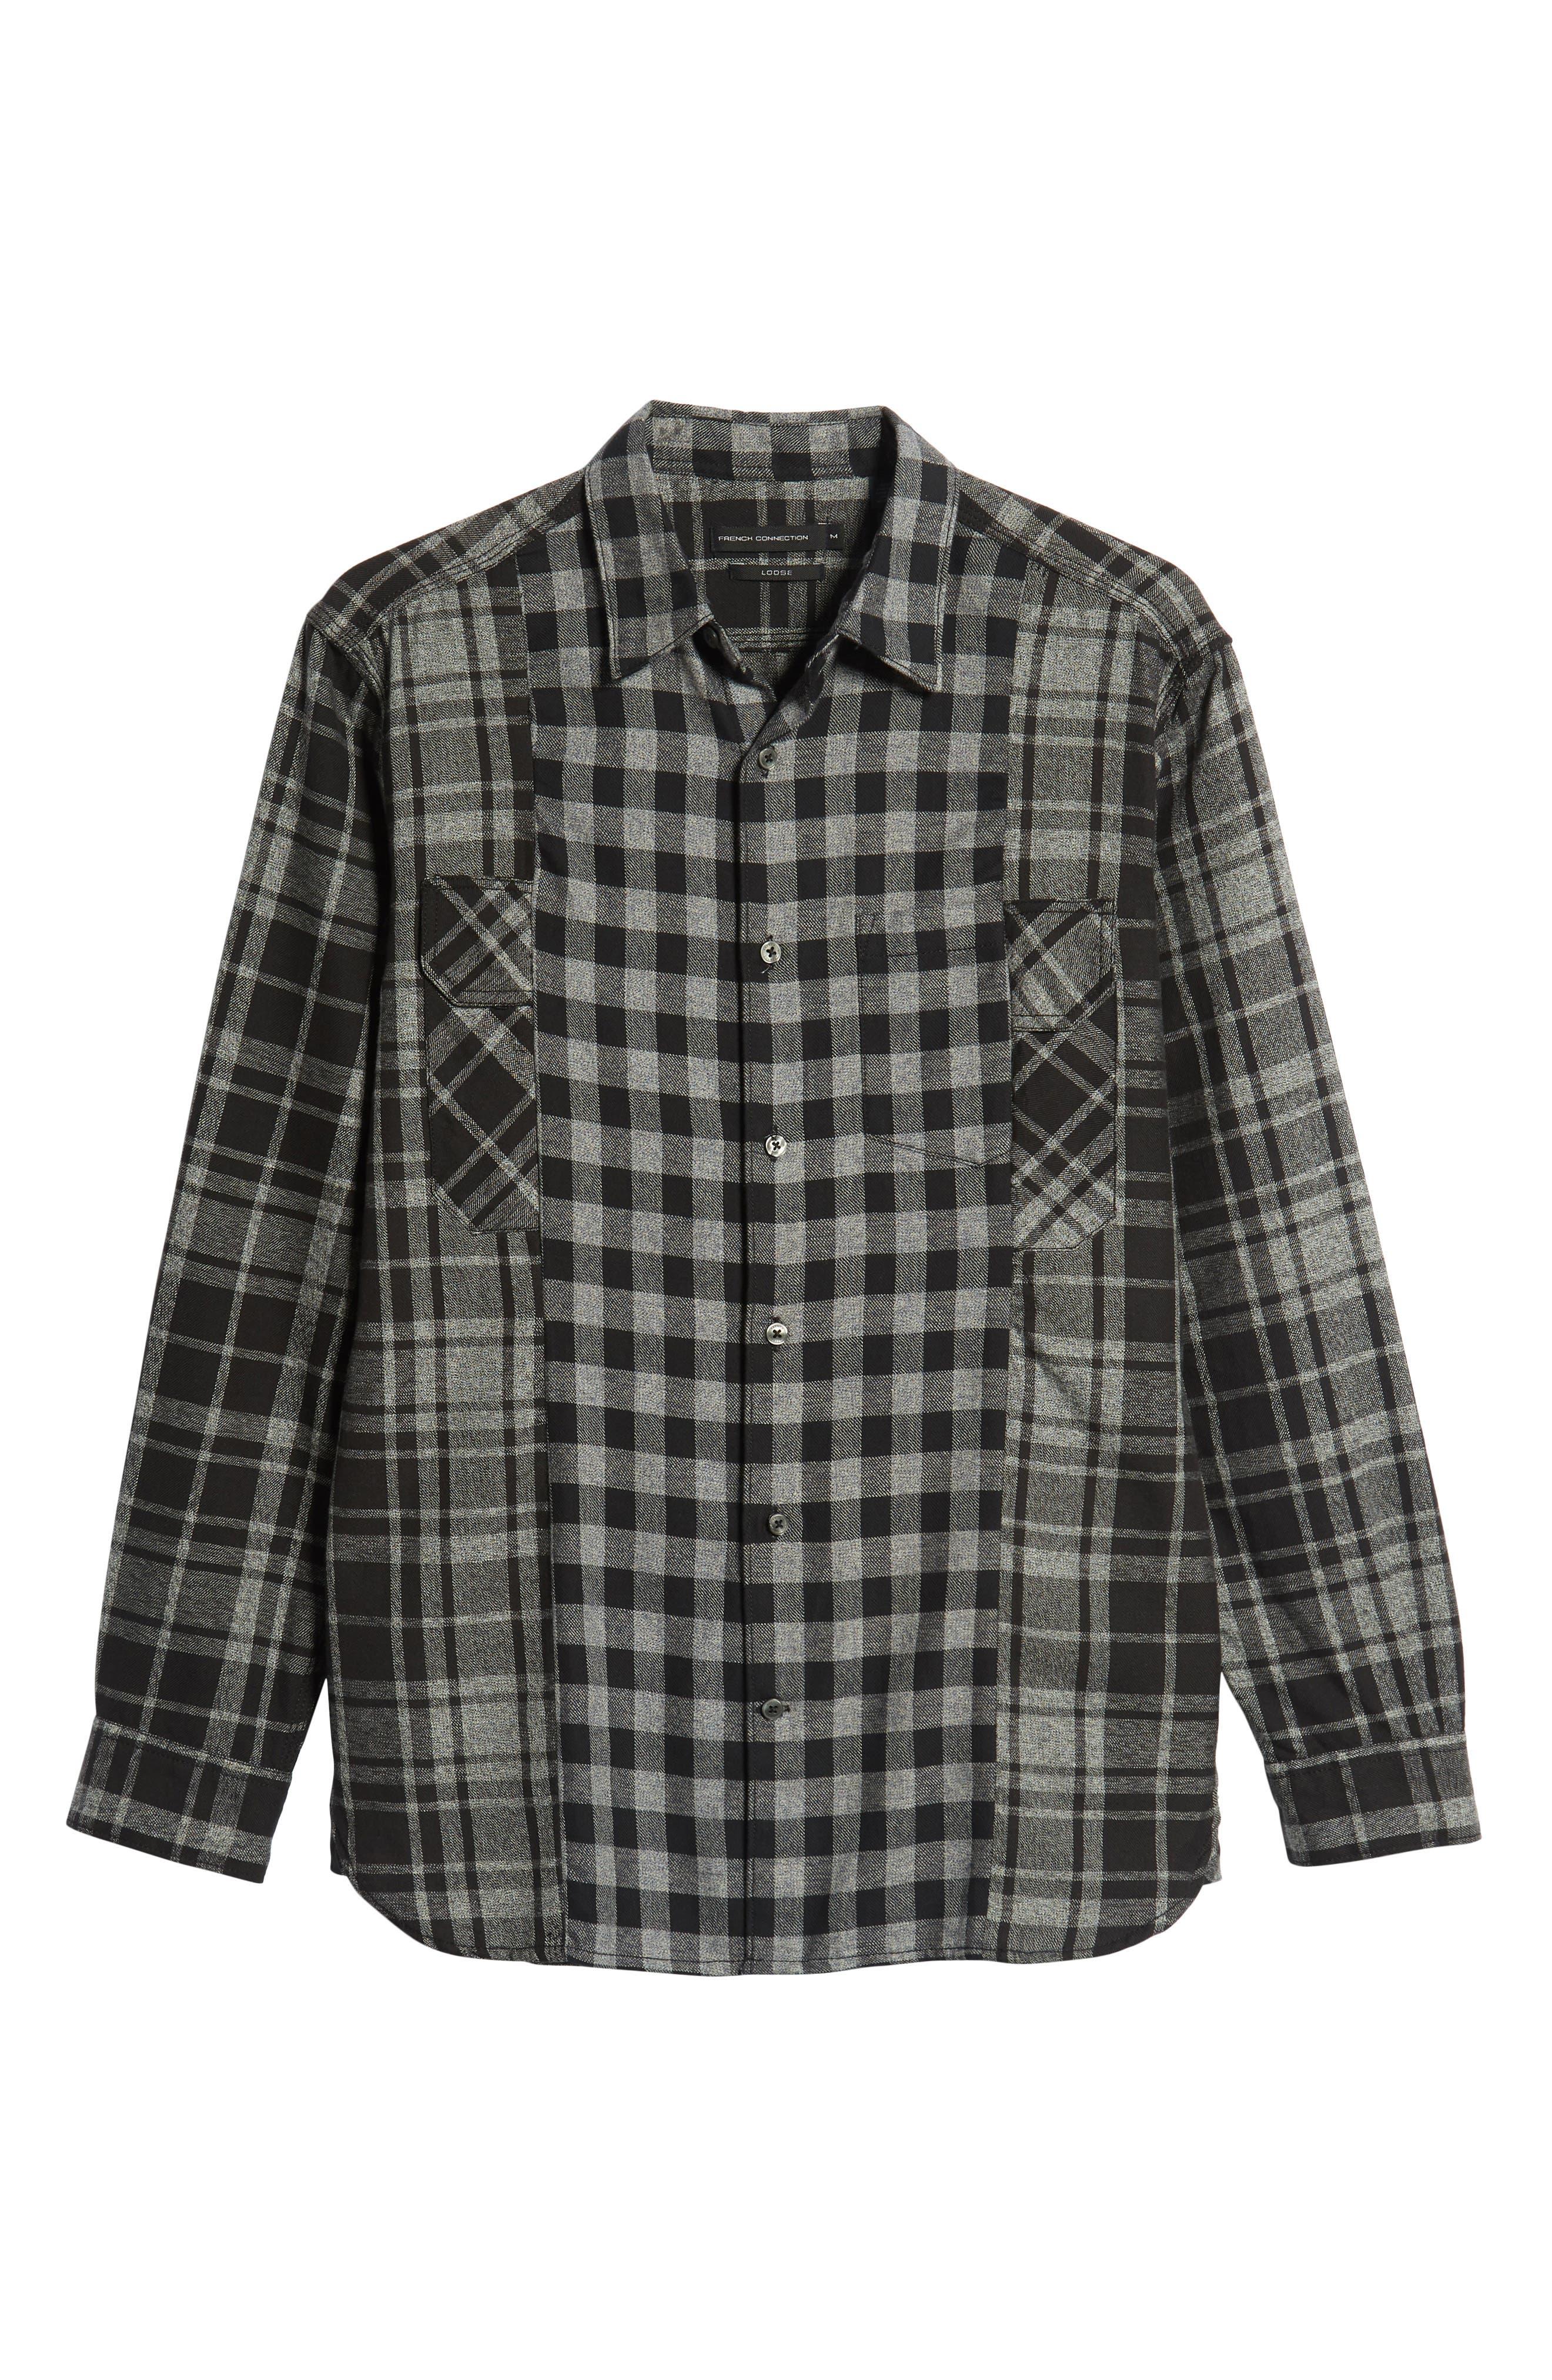 Bits & Pieces Loose Fit Sport Shirt,                             Alternate thumbnail 5, color,                             BLACK CHECKS